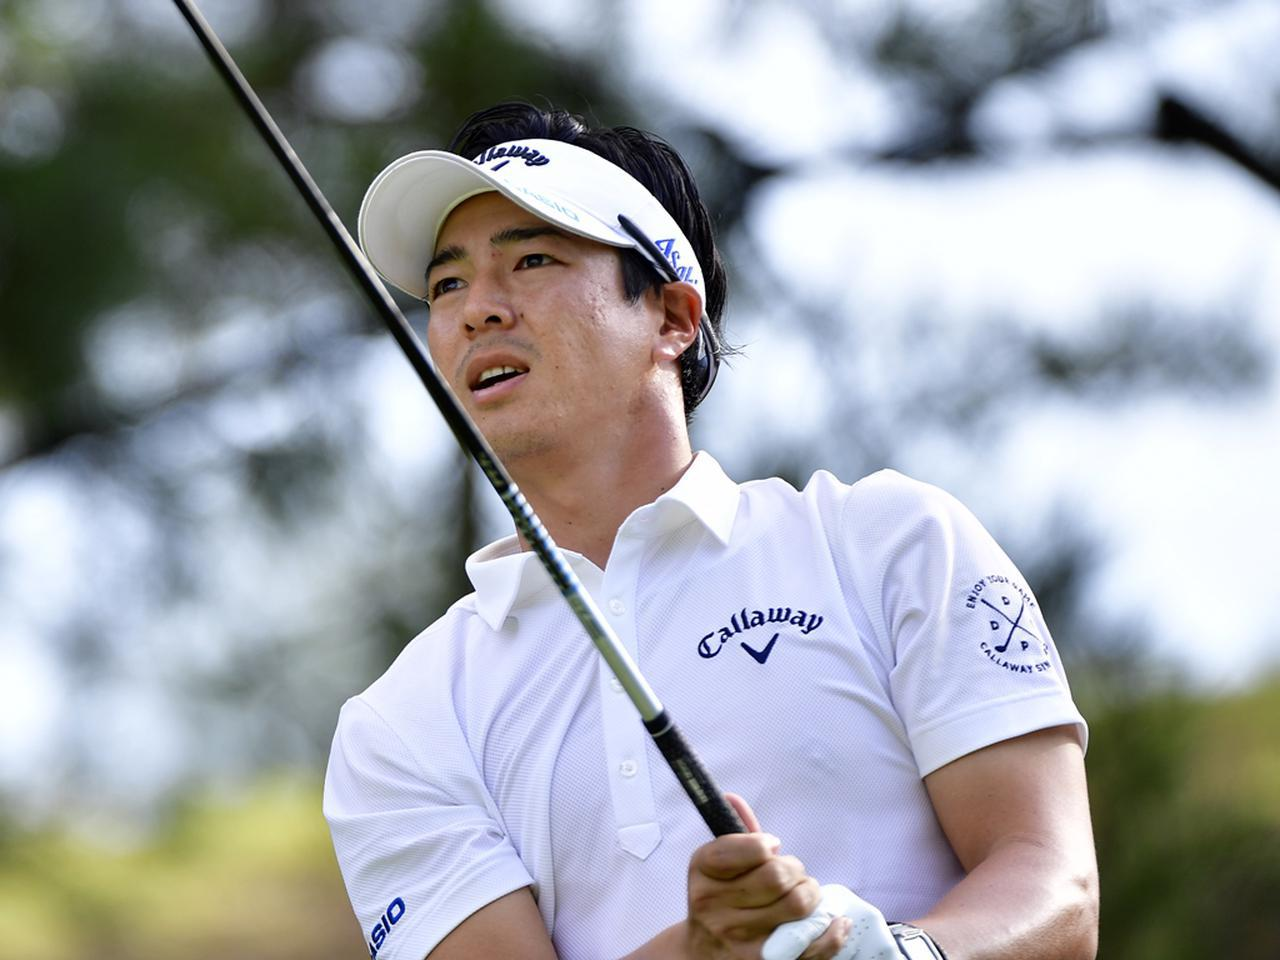 画像: 今季3勝を果たした石川遼(写真は2019年のパナソニックオープン 撮影/有原裕晶)